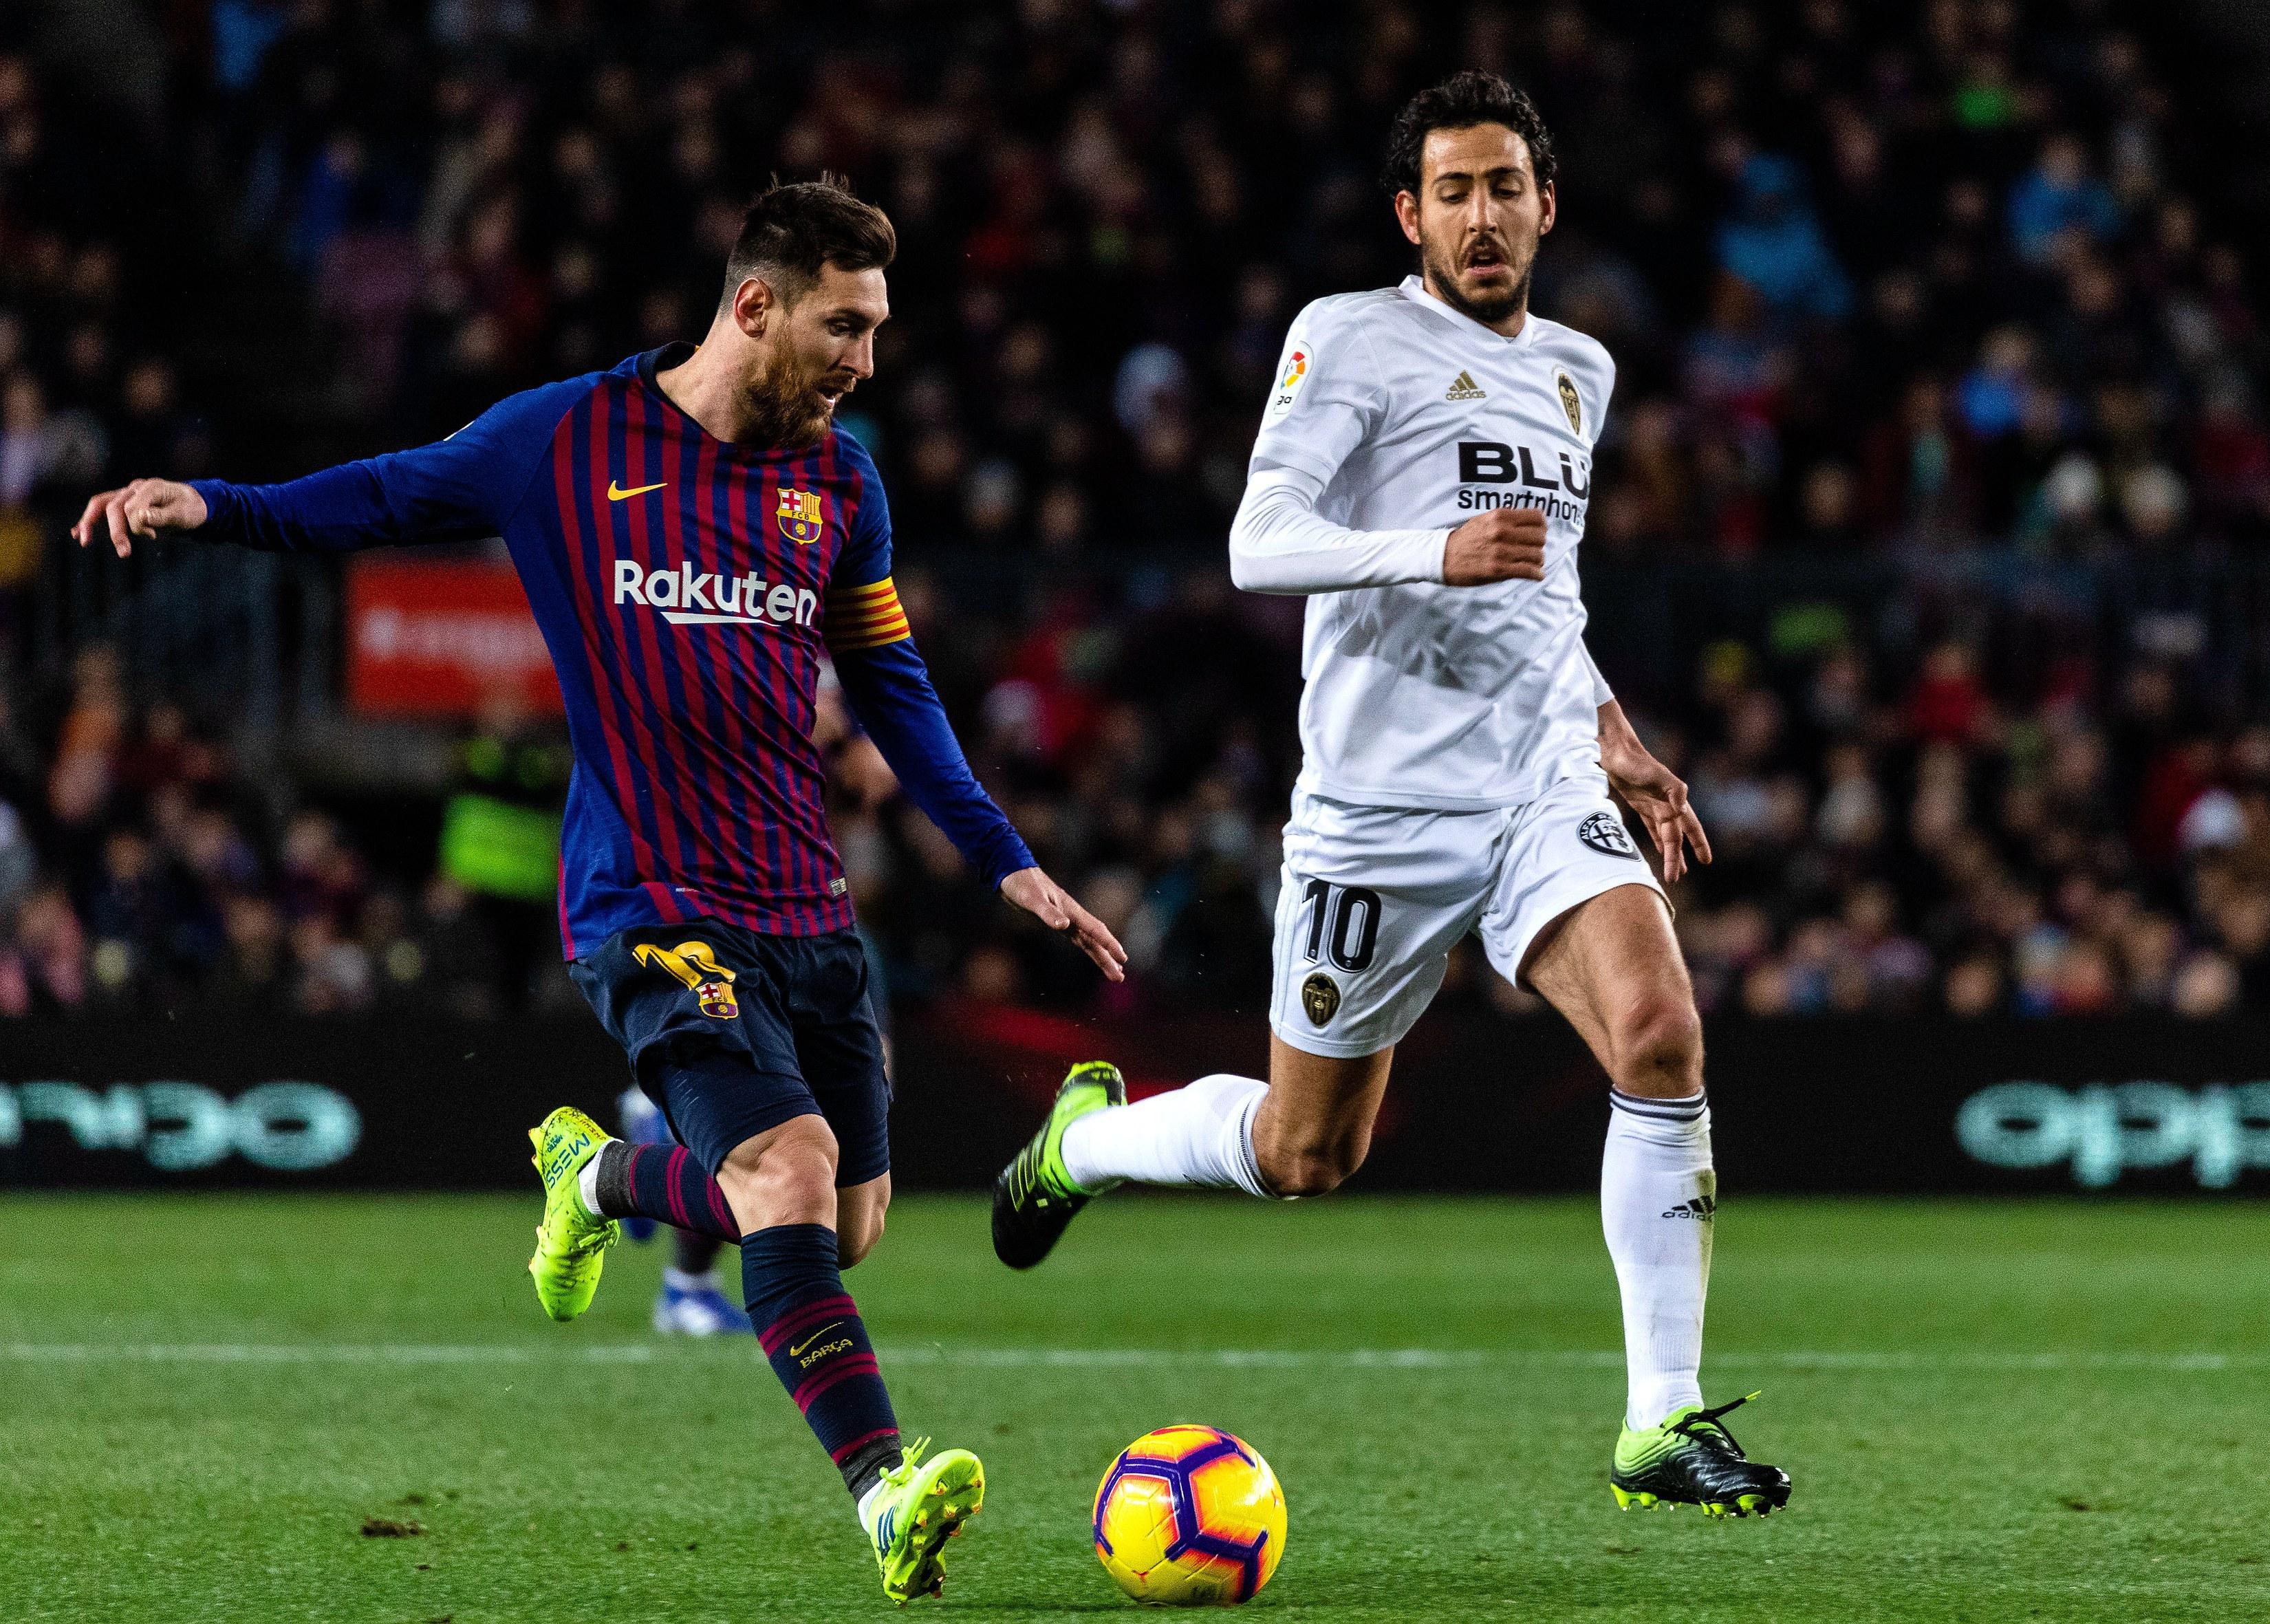 梅西在巴萨几号_足球——西甲:巴塞罗那战平巴伦西亚_巴塞罗那队